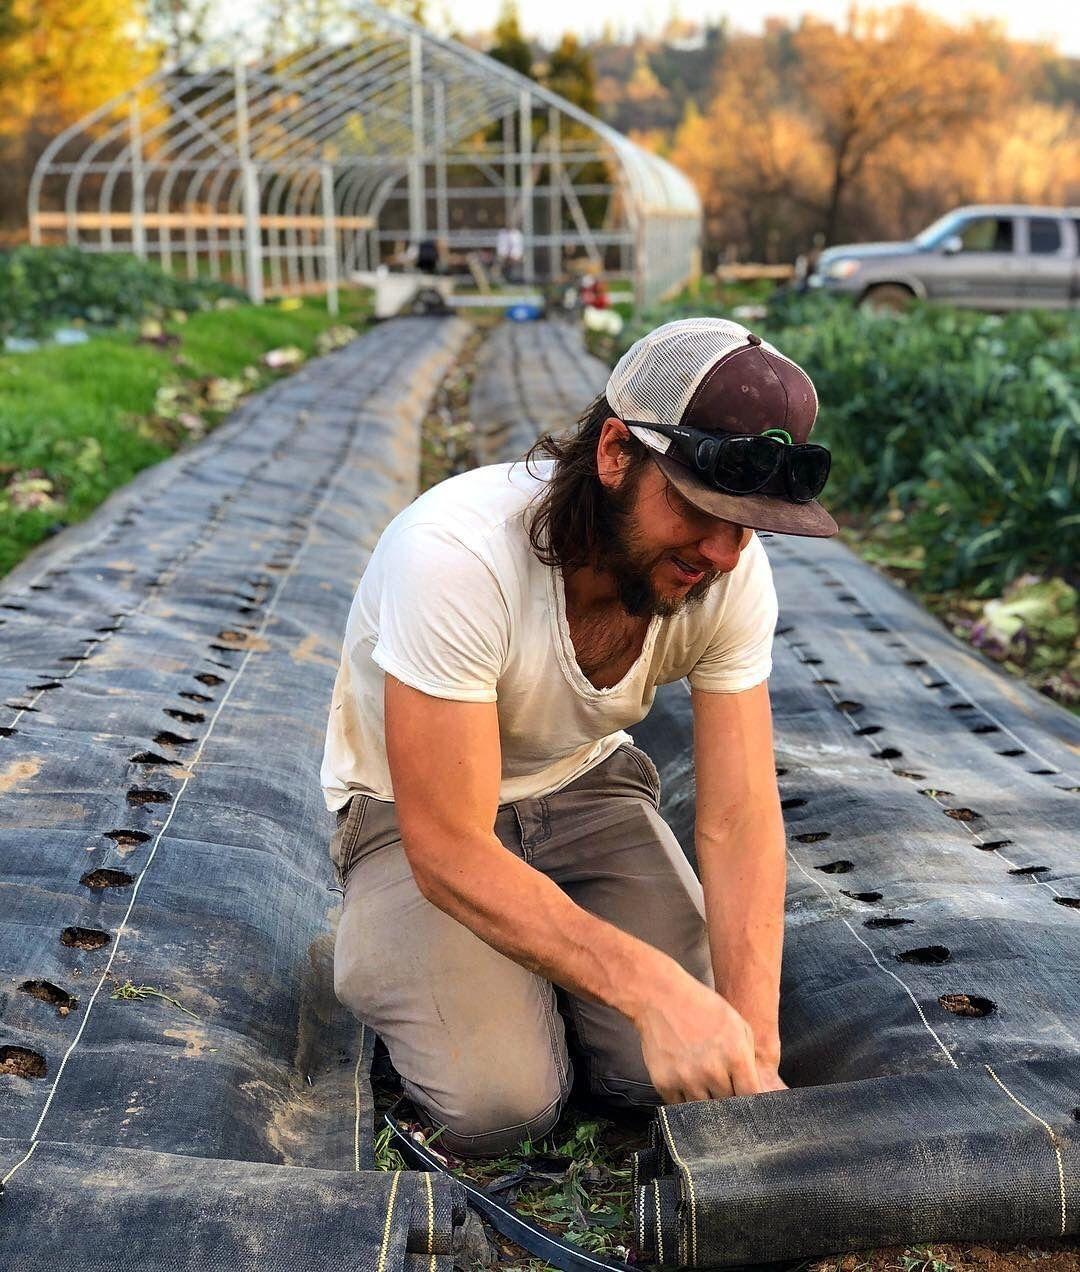 Đục lỗ trên màng phủ nông nghiệp bằng cách thủ công